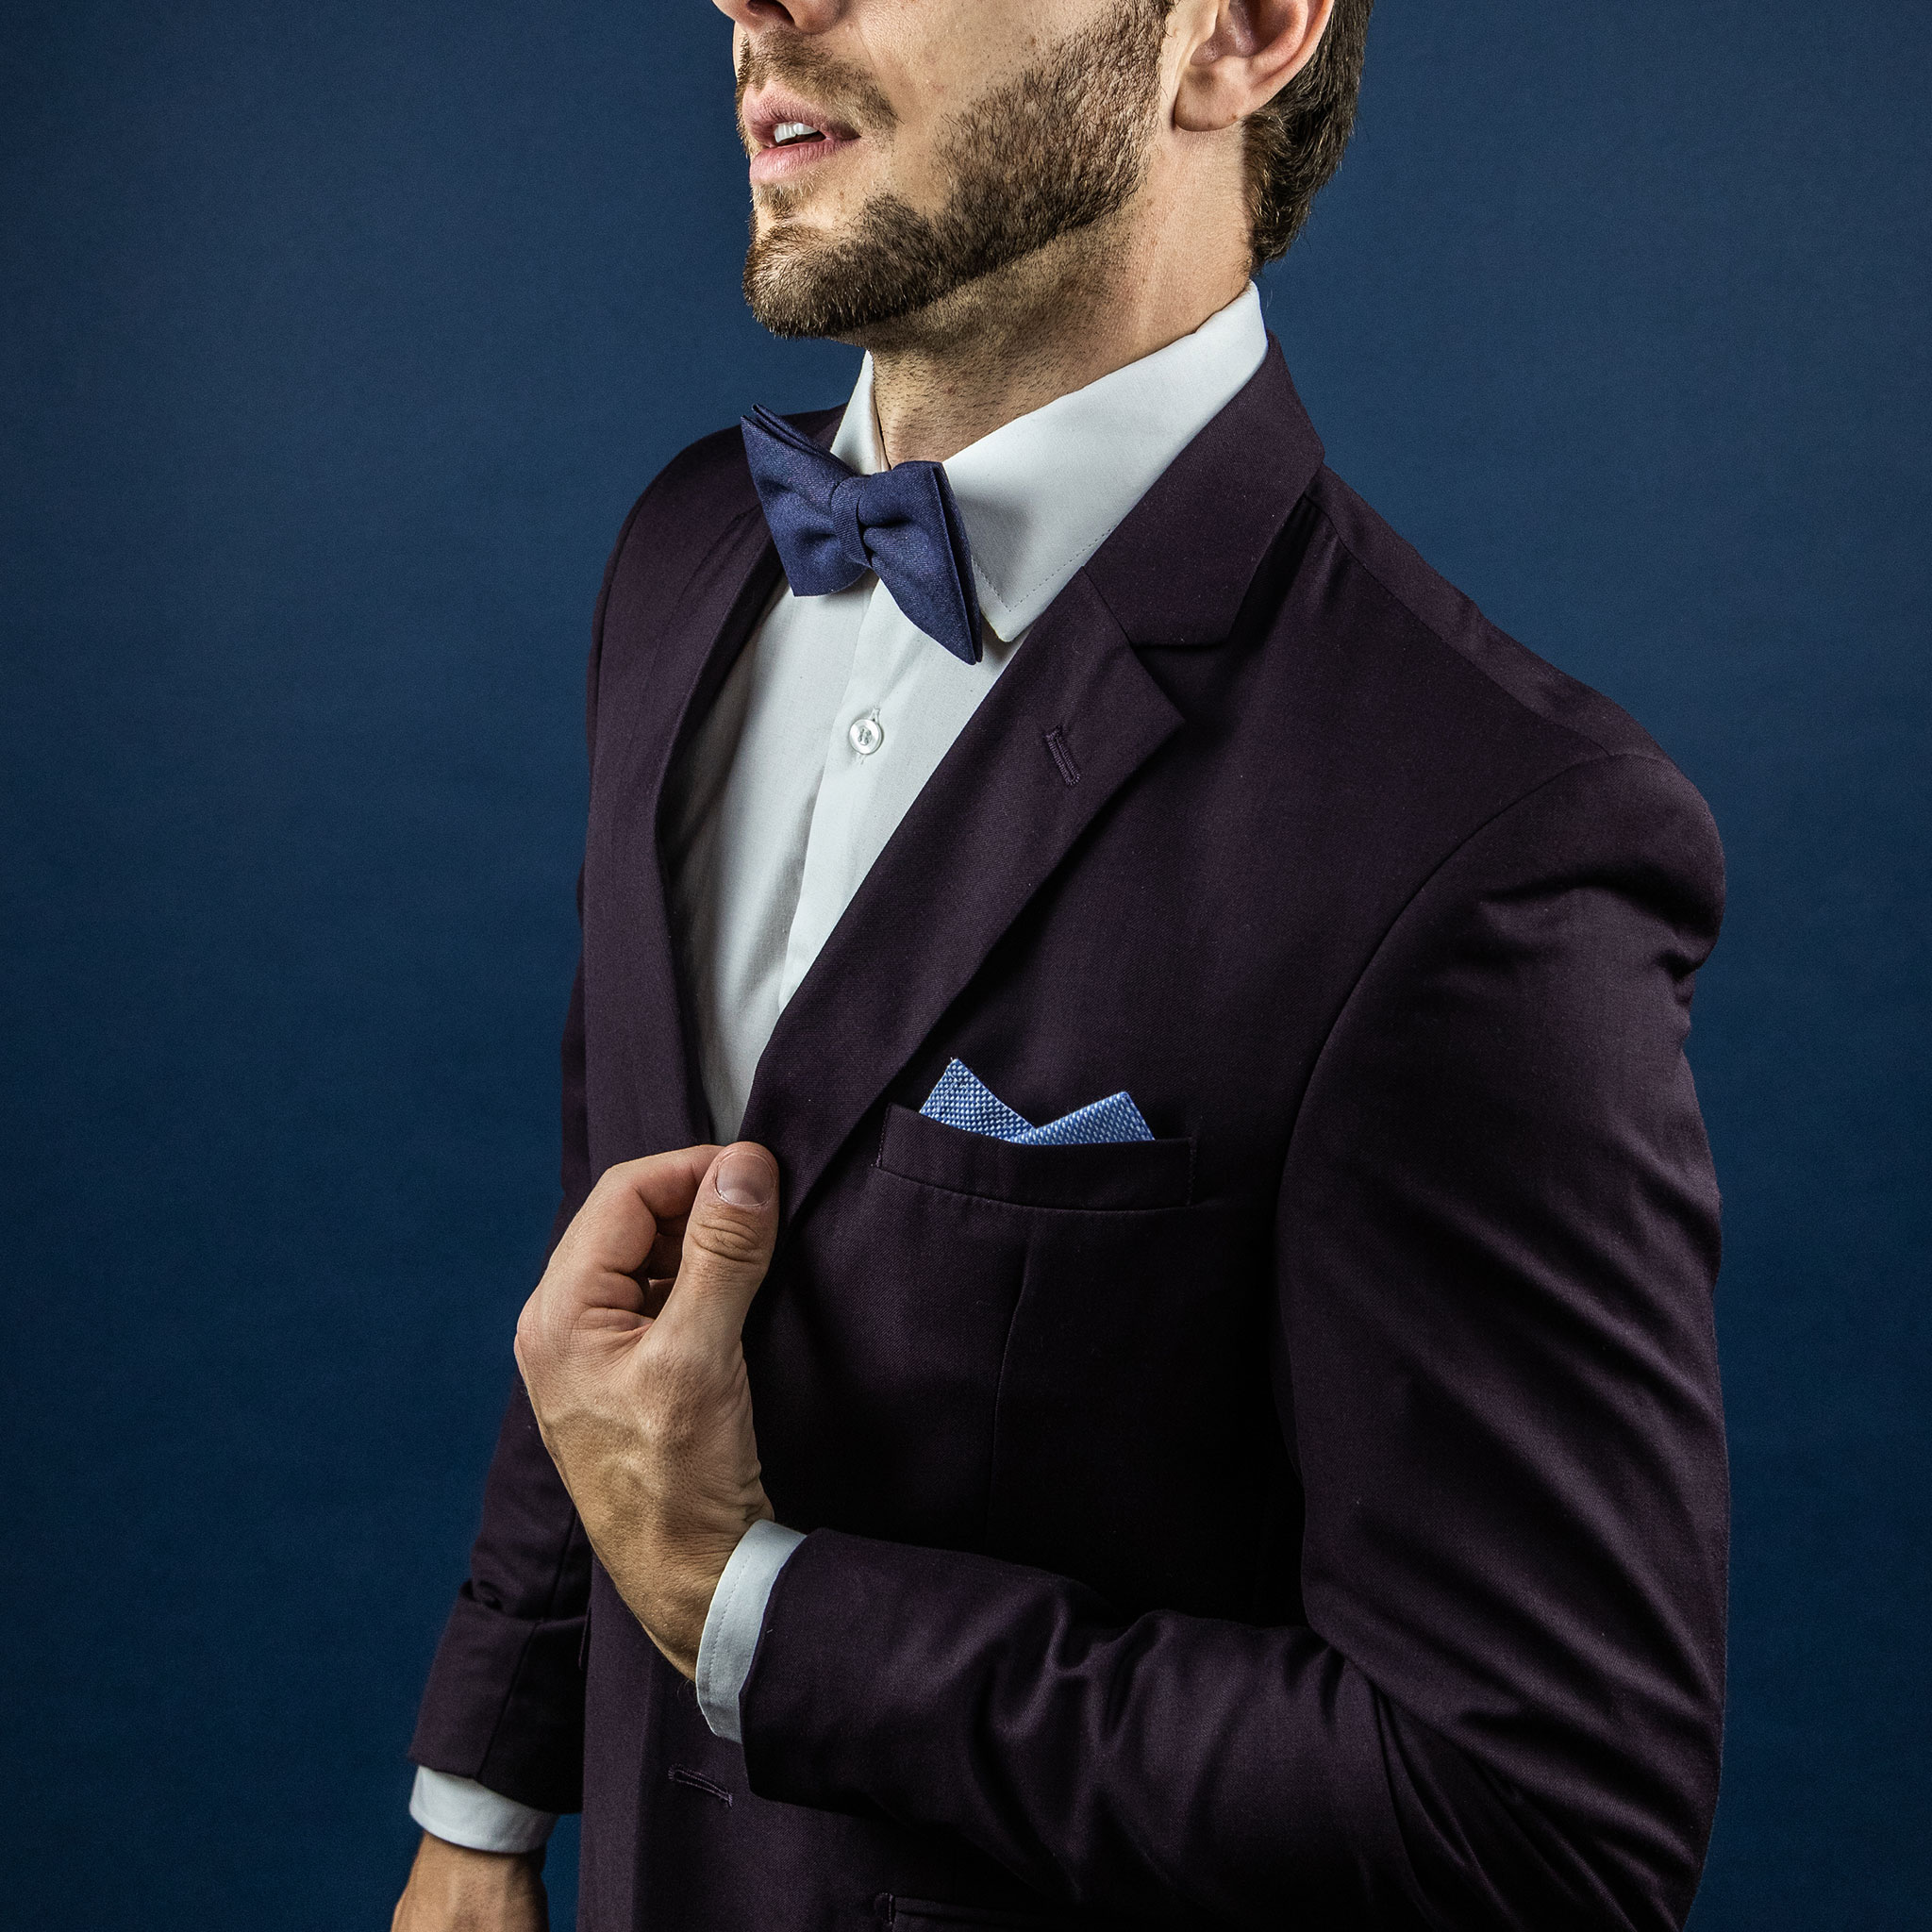 gravata azul com terno vinho